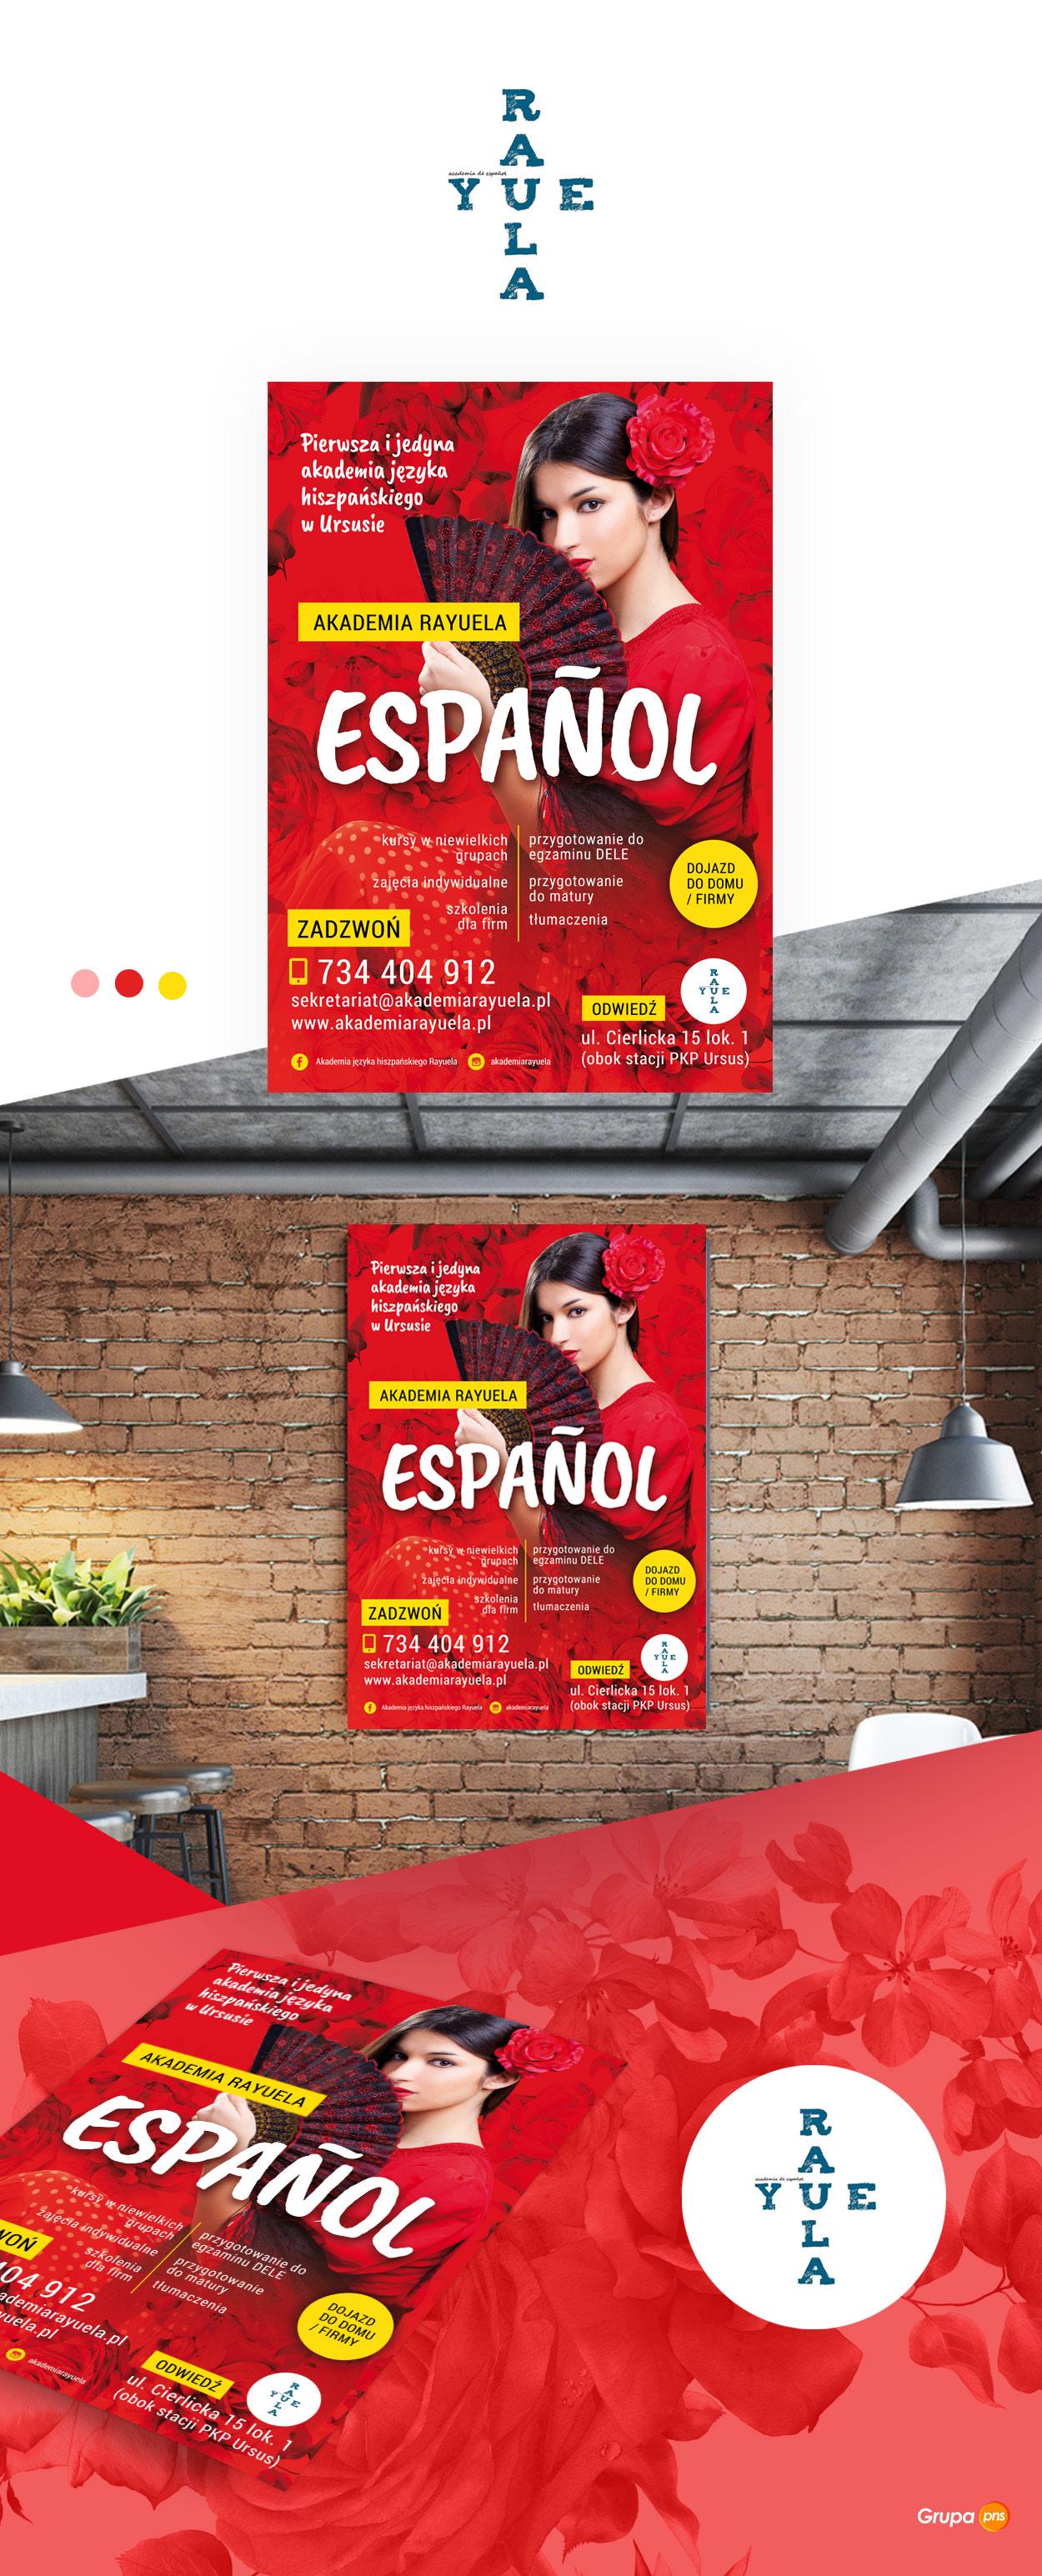 plakat reklamowy dla szkoly jezykowej raula1 - Projekt plakatu reklamowego dla szkoły językowej Raula